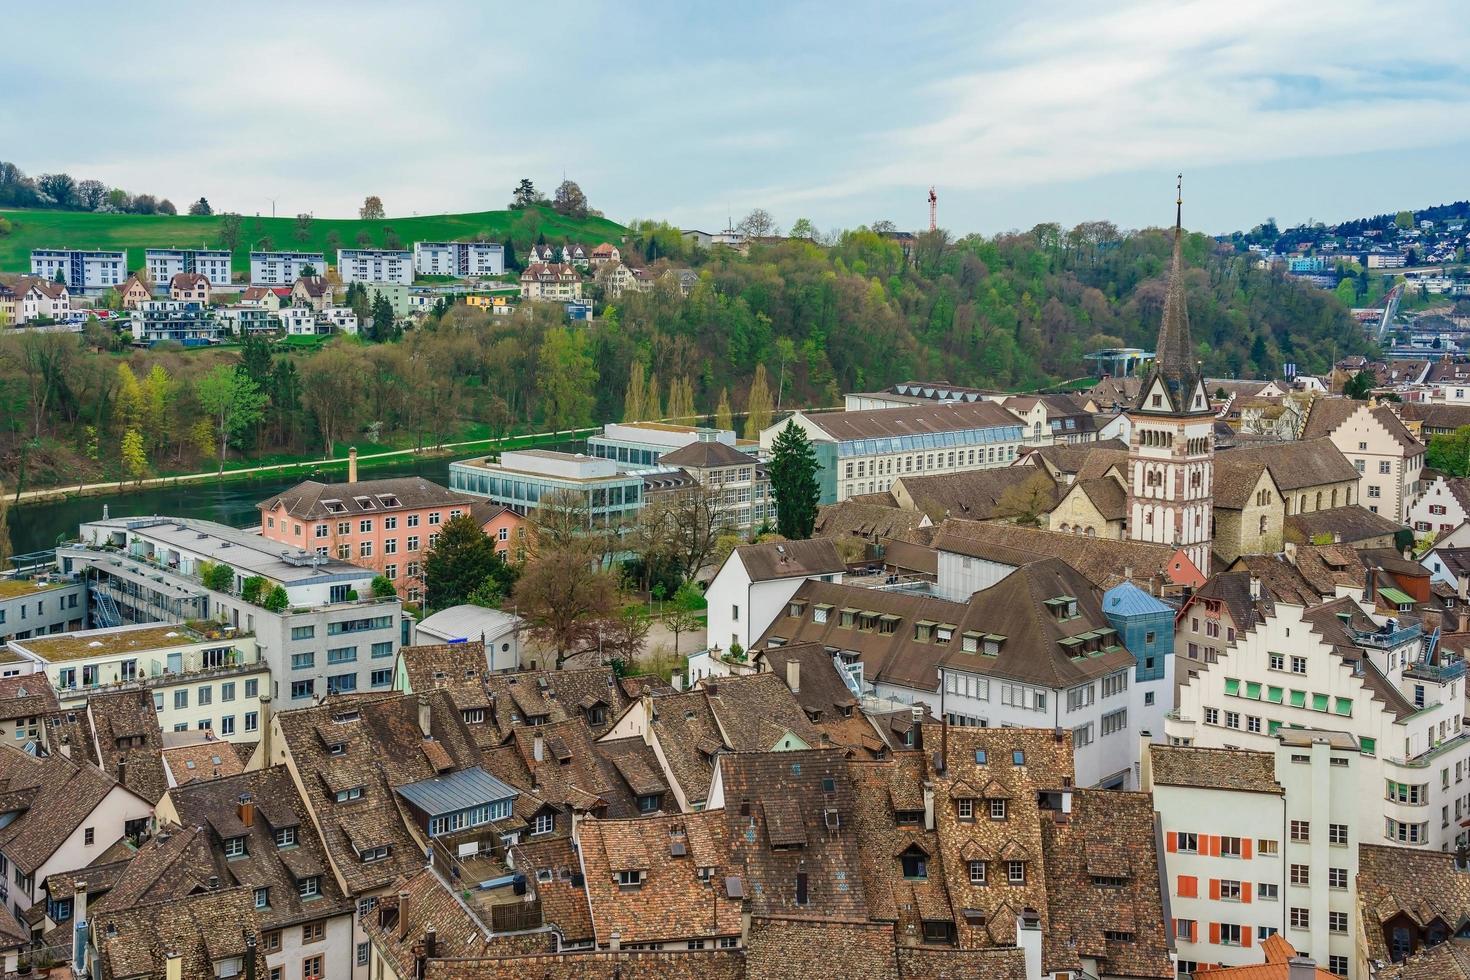 Panoramablick auf die Altstadt von Schaffhausen, Schweiz foto